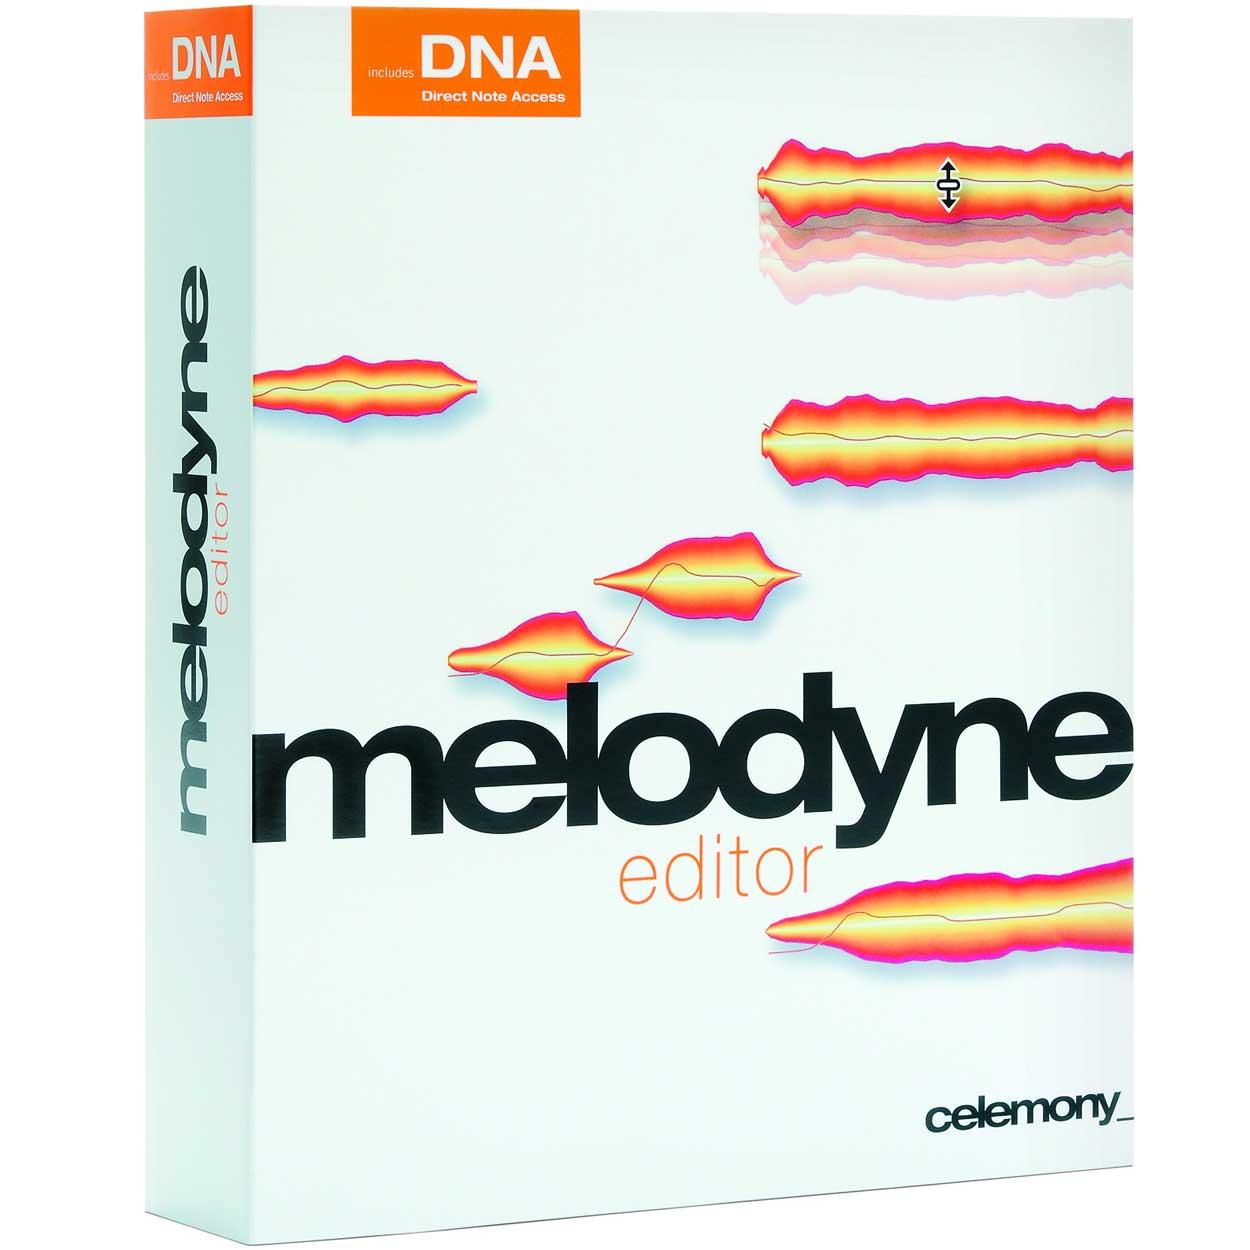 Ouse na edição do áudio com o Melodyne